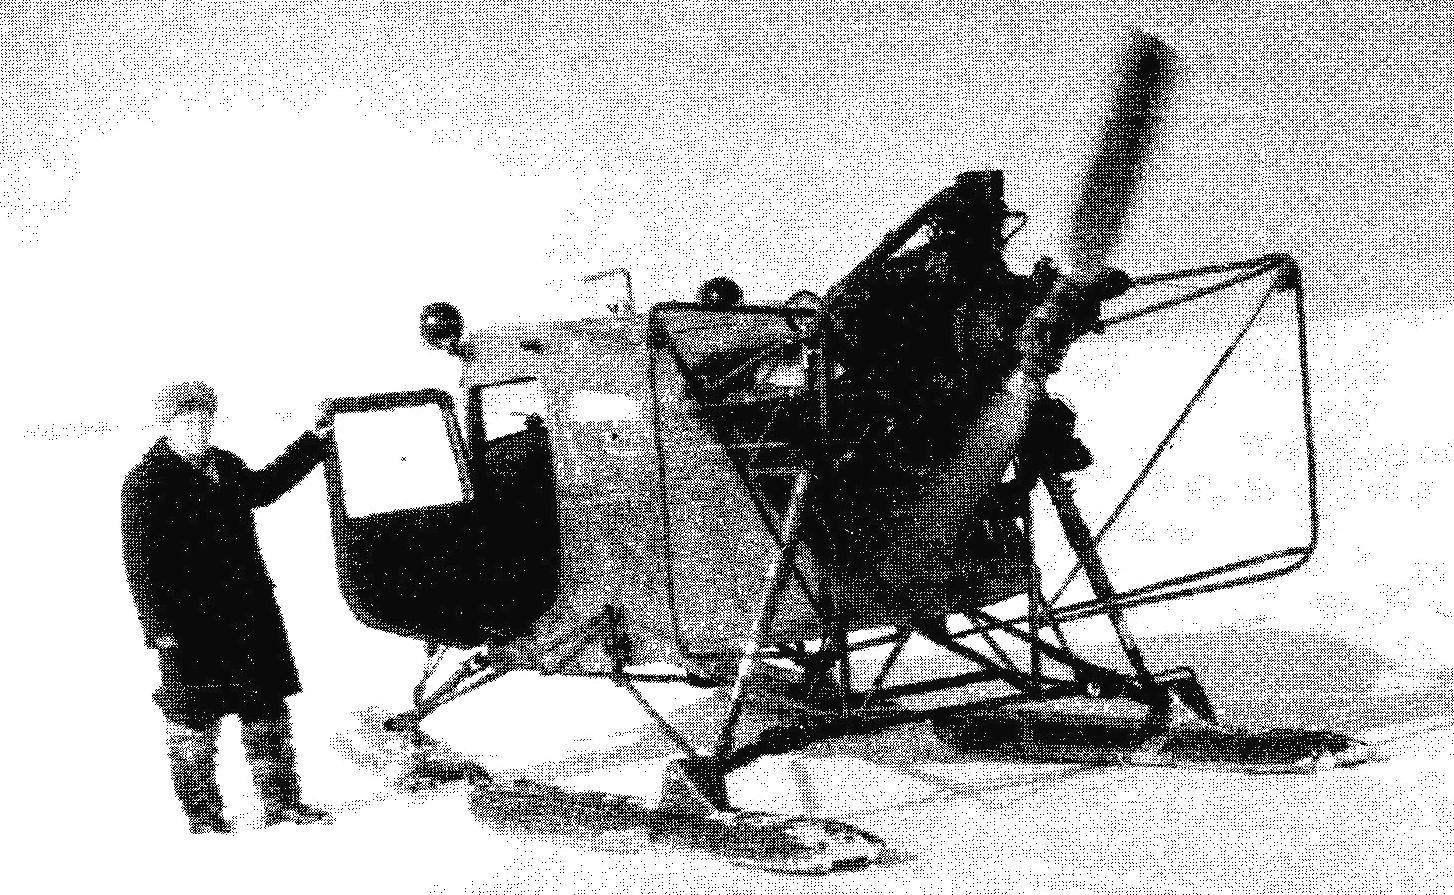 Аэросани АК-5 с двигателем М11-ФР; кабина и лыжи — от самолета Як-12